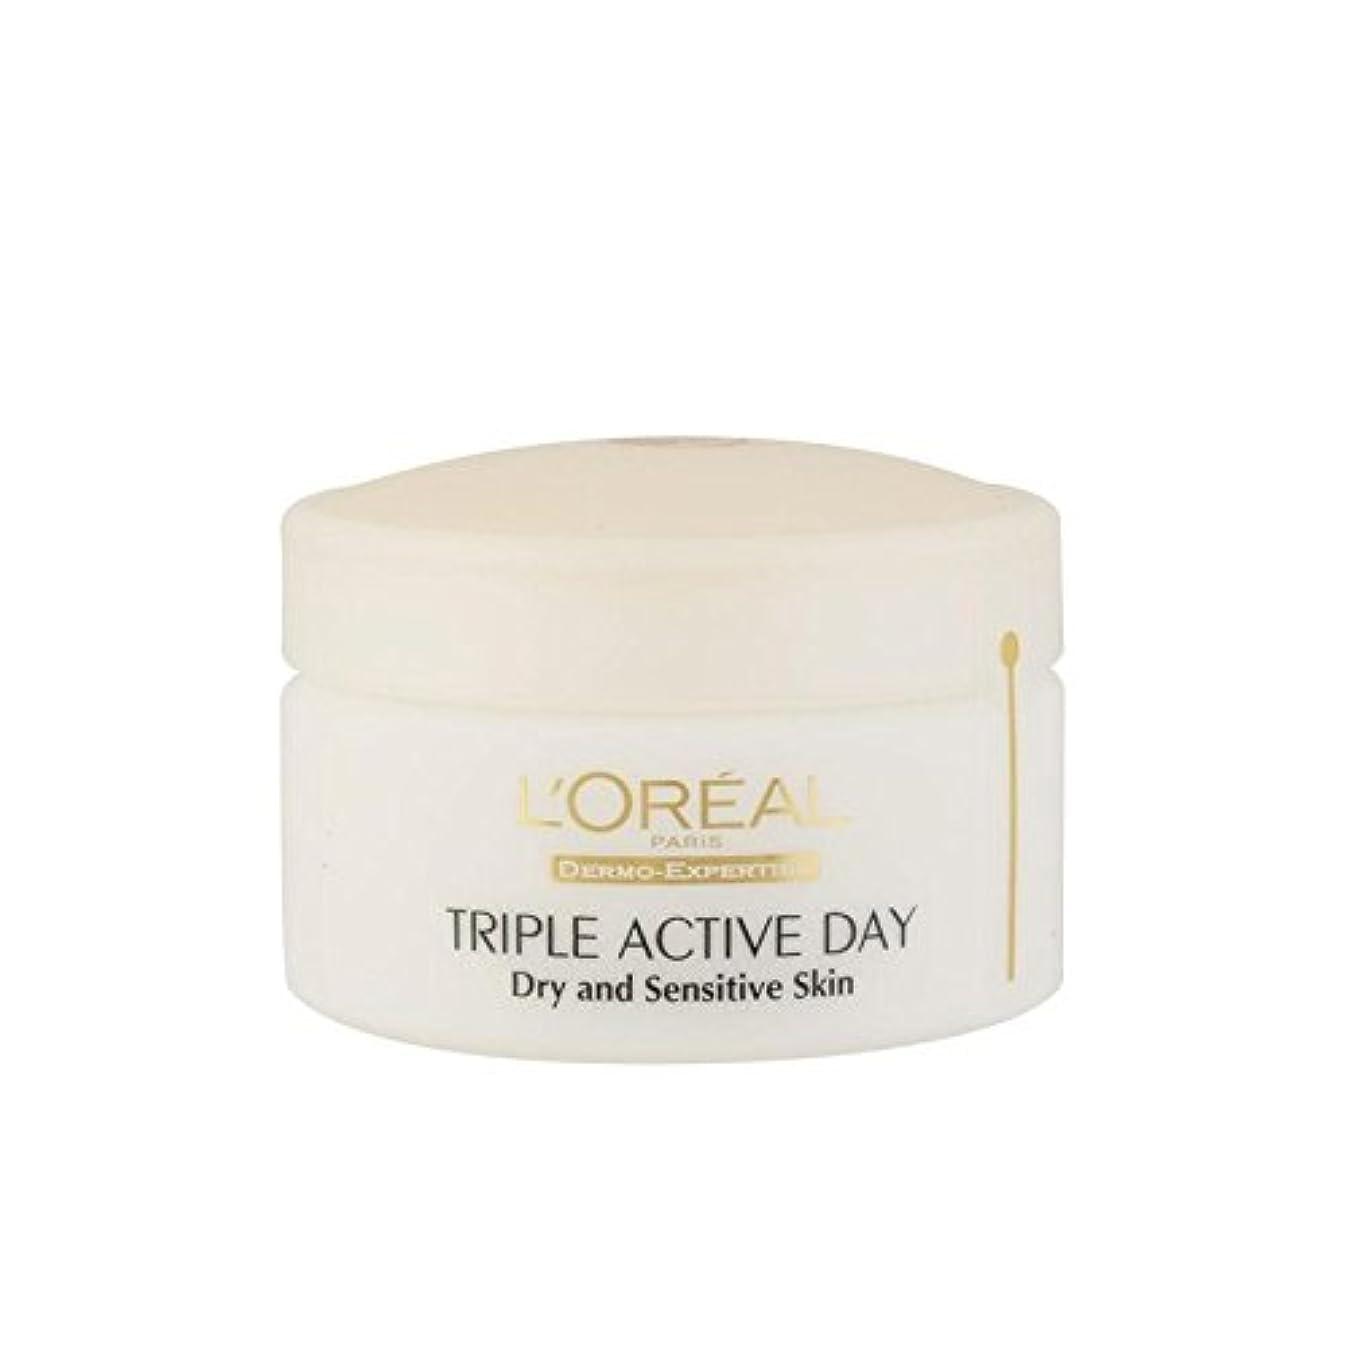 めったに馬鹿げた憧れロレアルパリ、真皮の専門知識トリプルアクティブな一日のマルチ保護保湿 - ドライ/敏感肌(50ミリリットル) x2 - L'Oreal Paris Dermo Expertise Triple Active Day Multi-Protection...